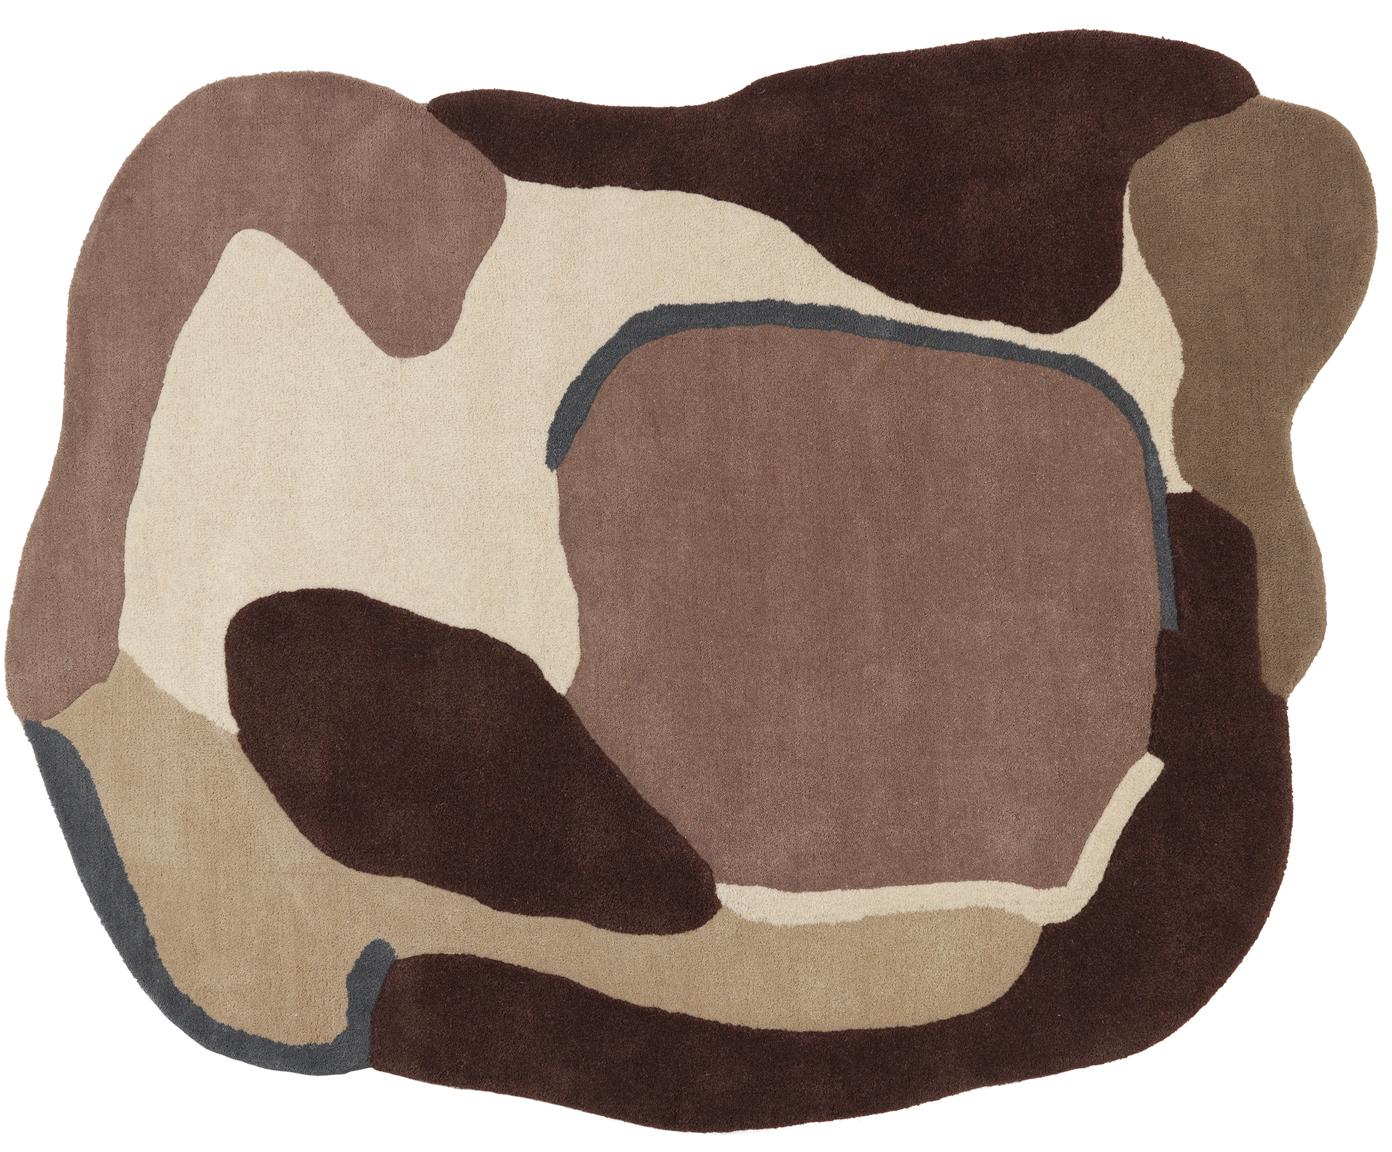 Wollteppich Oblivian mit Hoch-Tief-Effekt in Rot-Beige, Flor: Wolle, Rot, Beige, B 140 x L 180 cm (Grösse S)